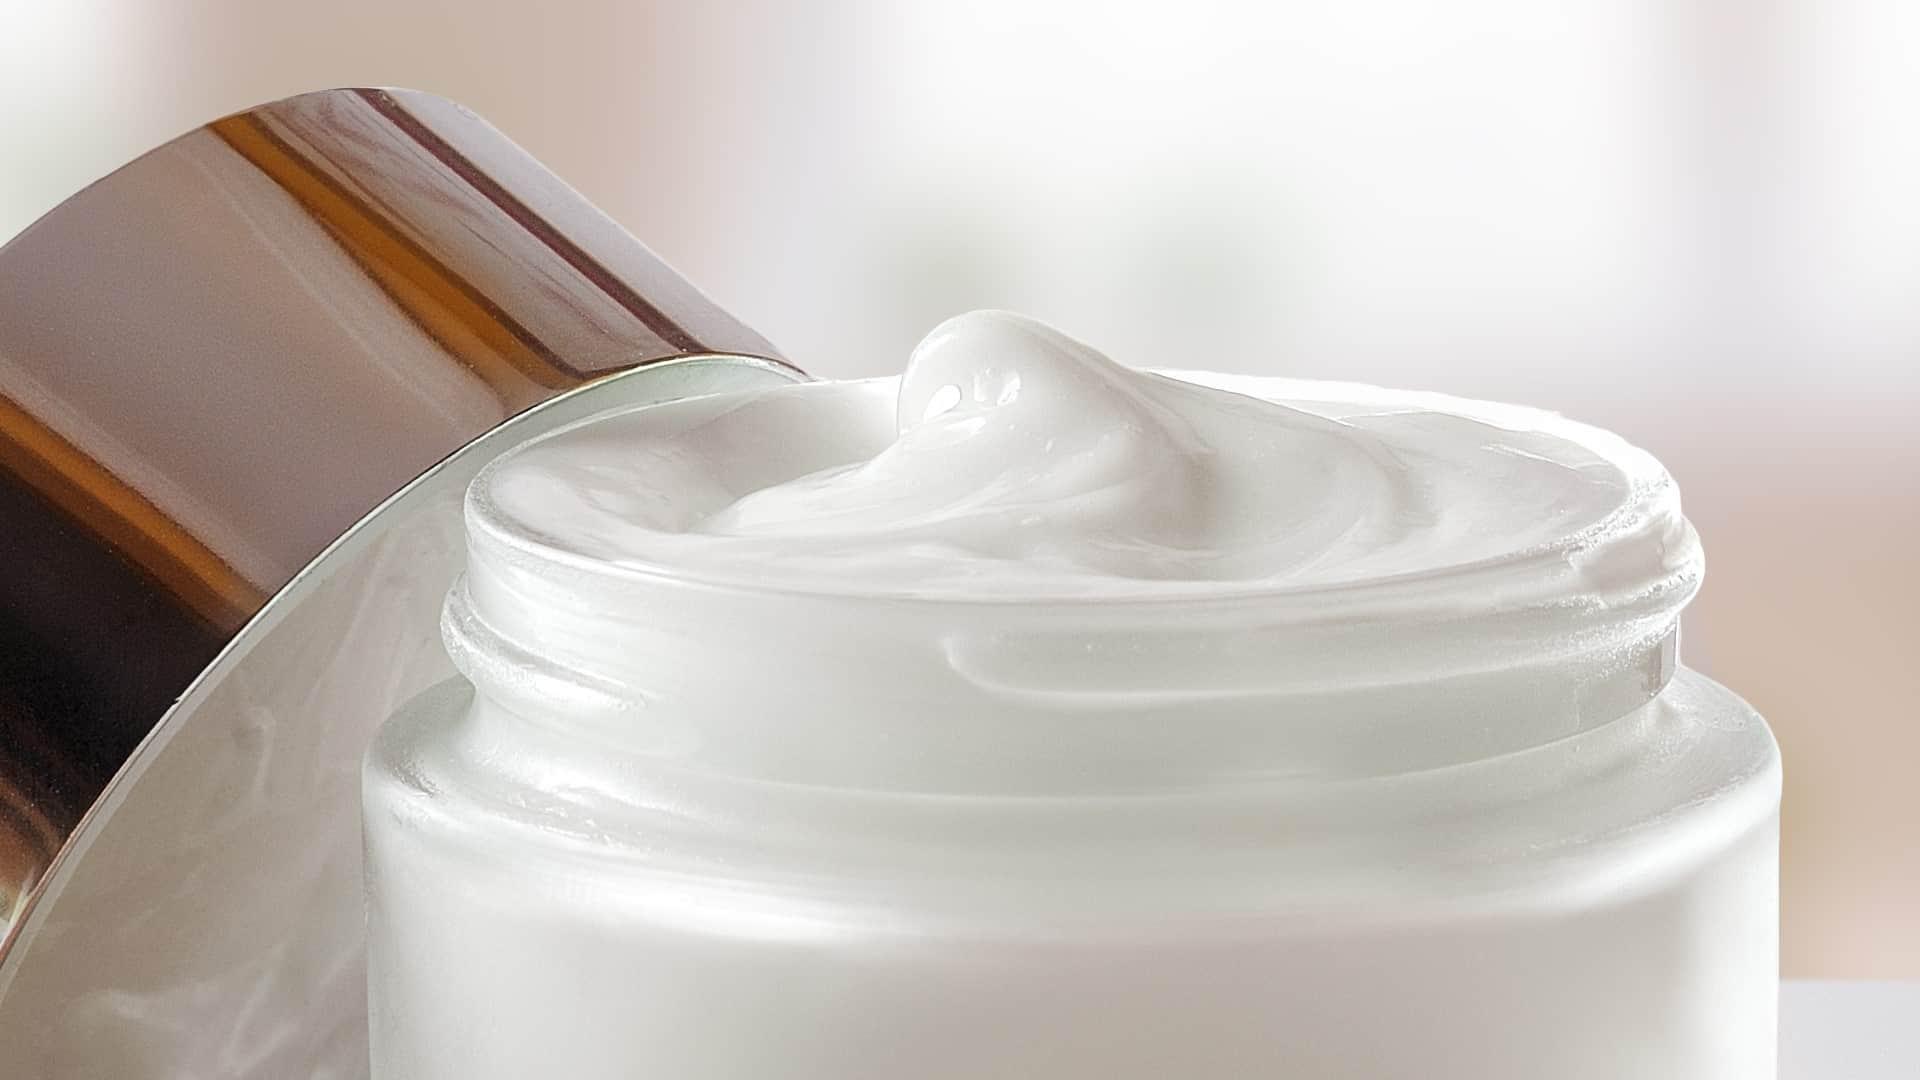 Miglior crema depilatoria del 2020: Guida all'acquisto